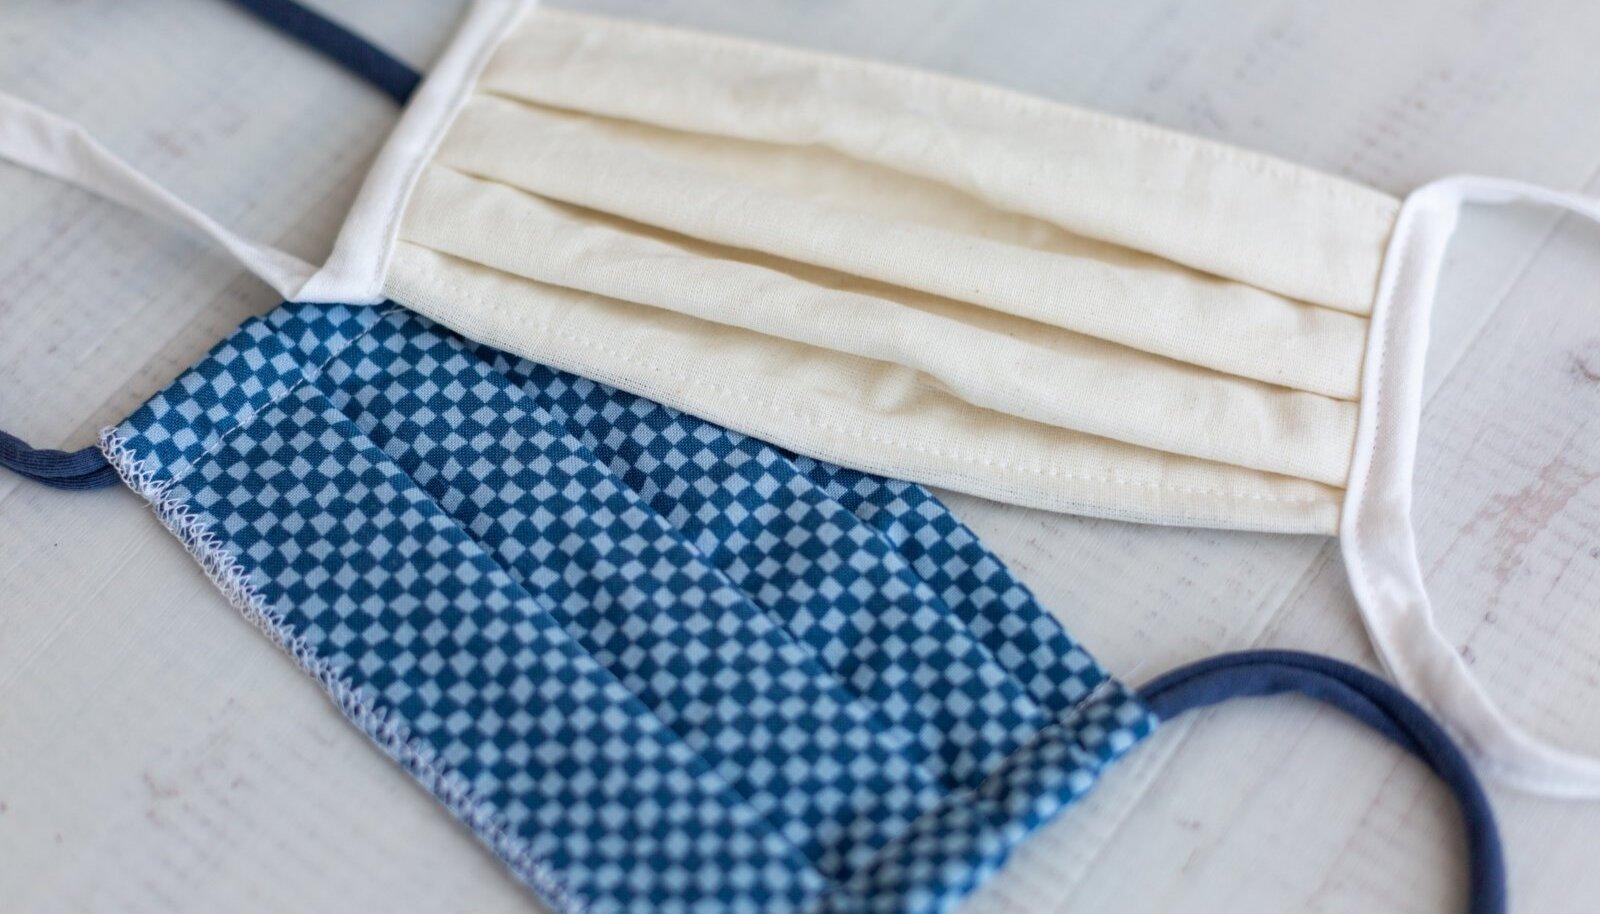 Kõige parem materjal isetehtud maski valmistamiseks on mikrokiududest tolmulapp